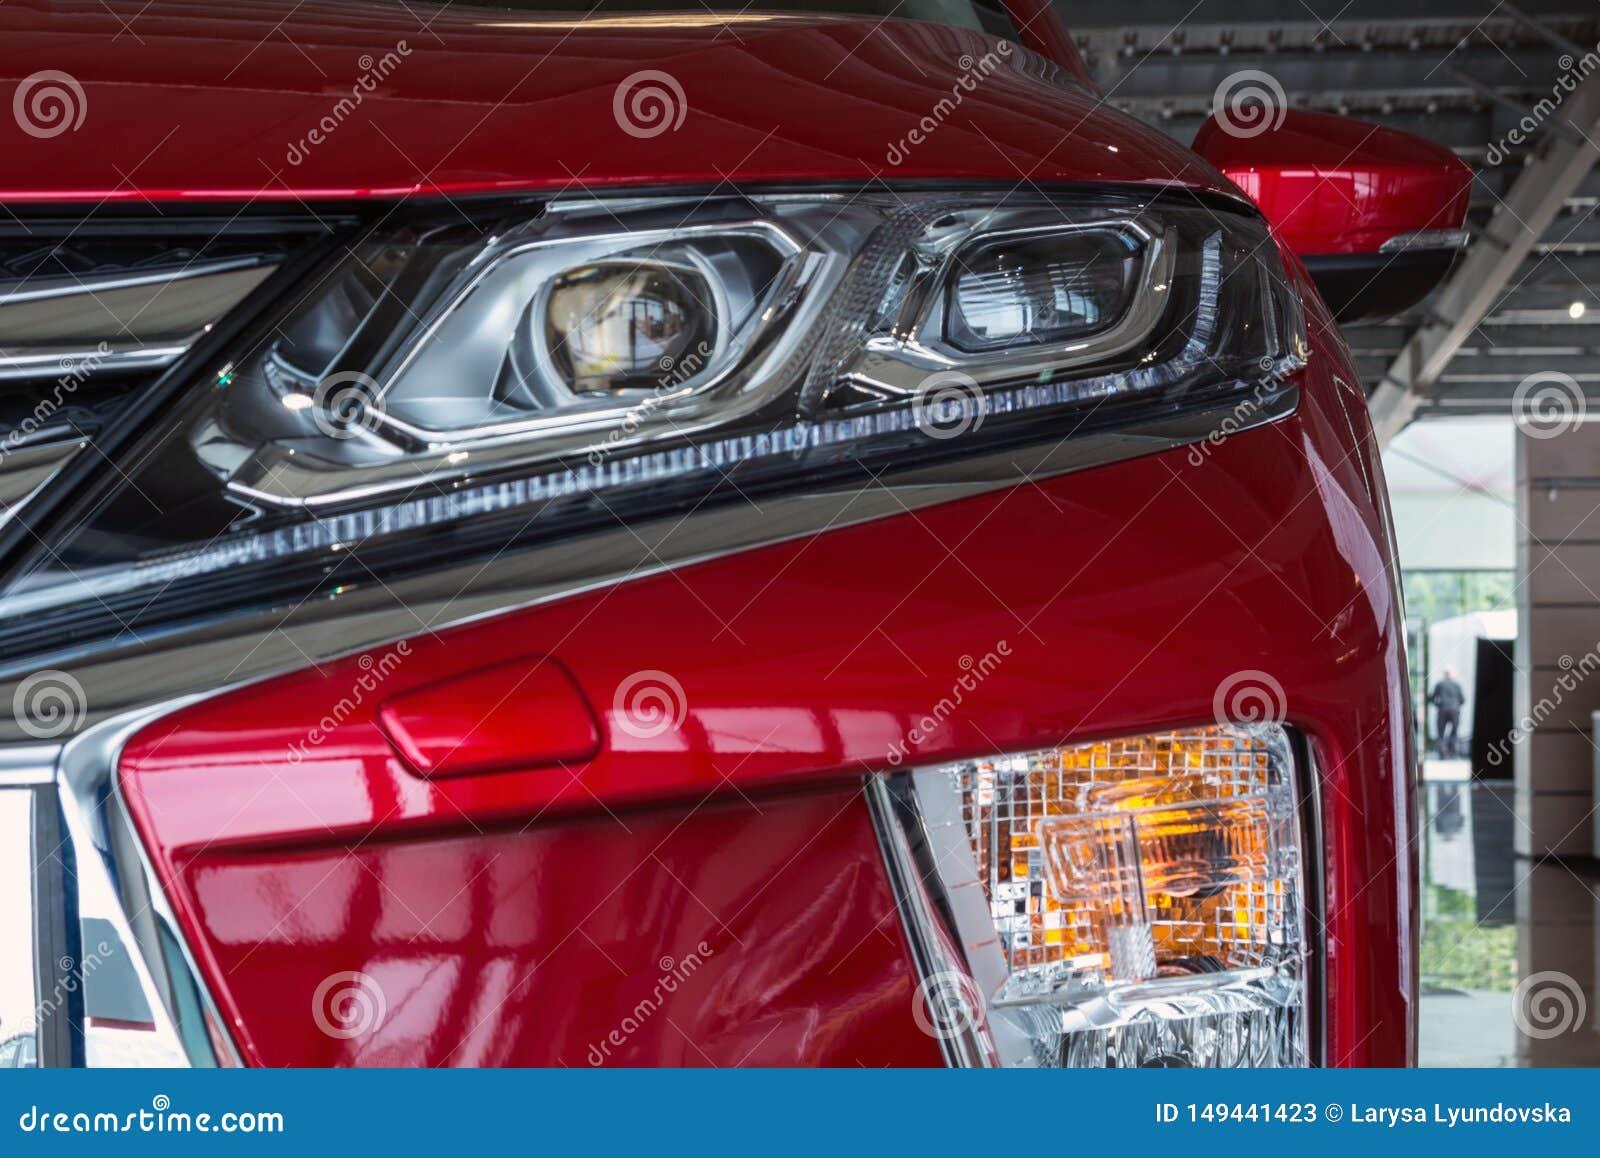 De Oekra?ne, Cherkasy, Mei 2019 Koplamp van een moderne rode auto Close-up Detail van automobielverlichtingssysteem